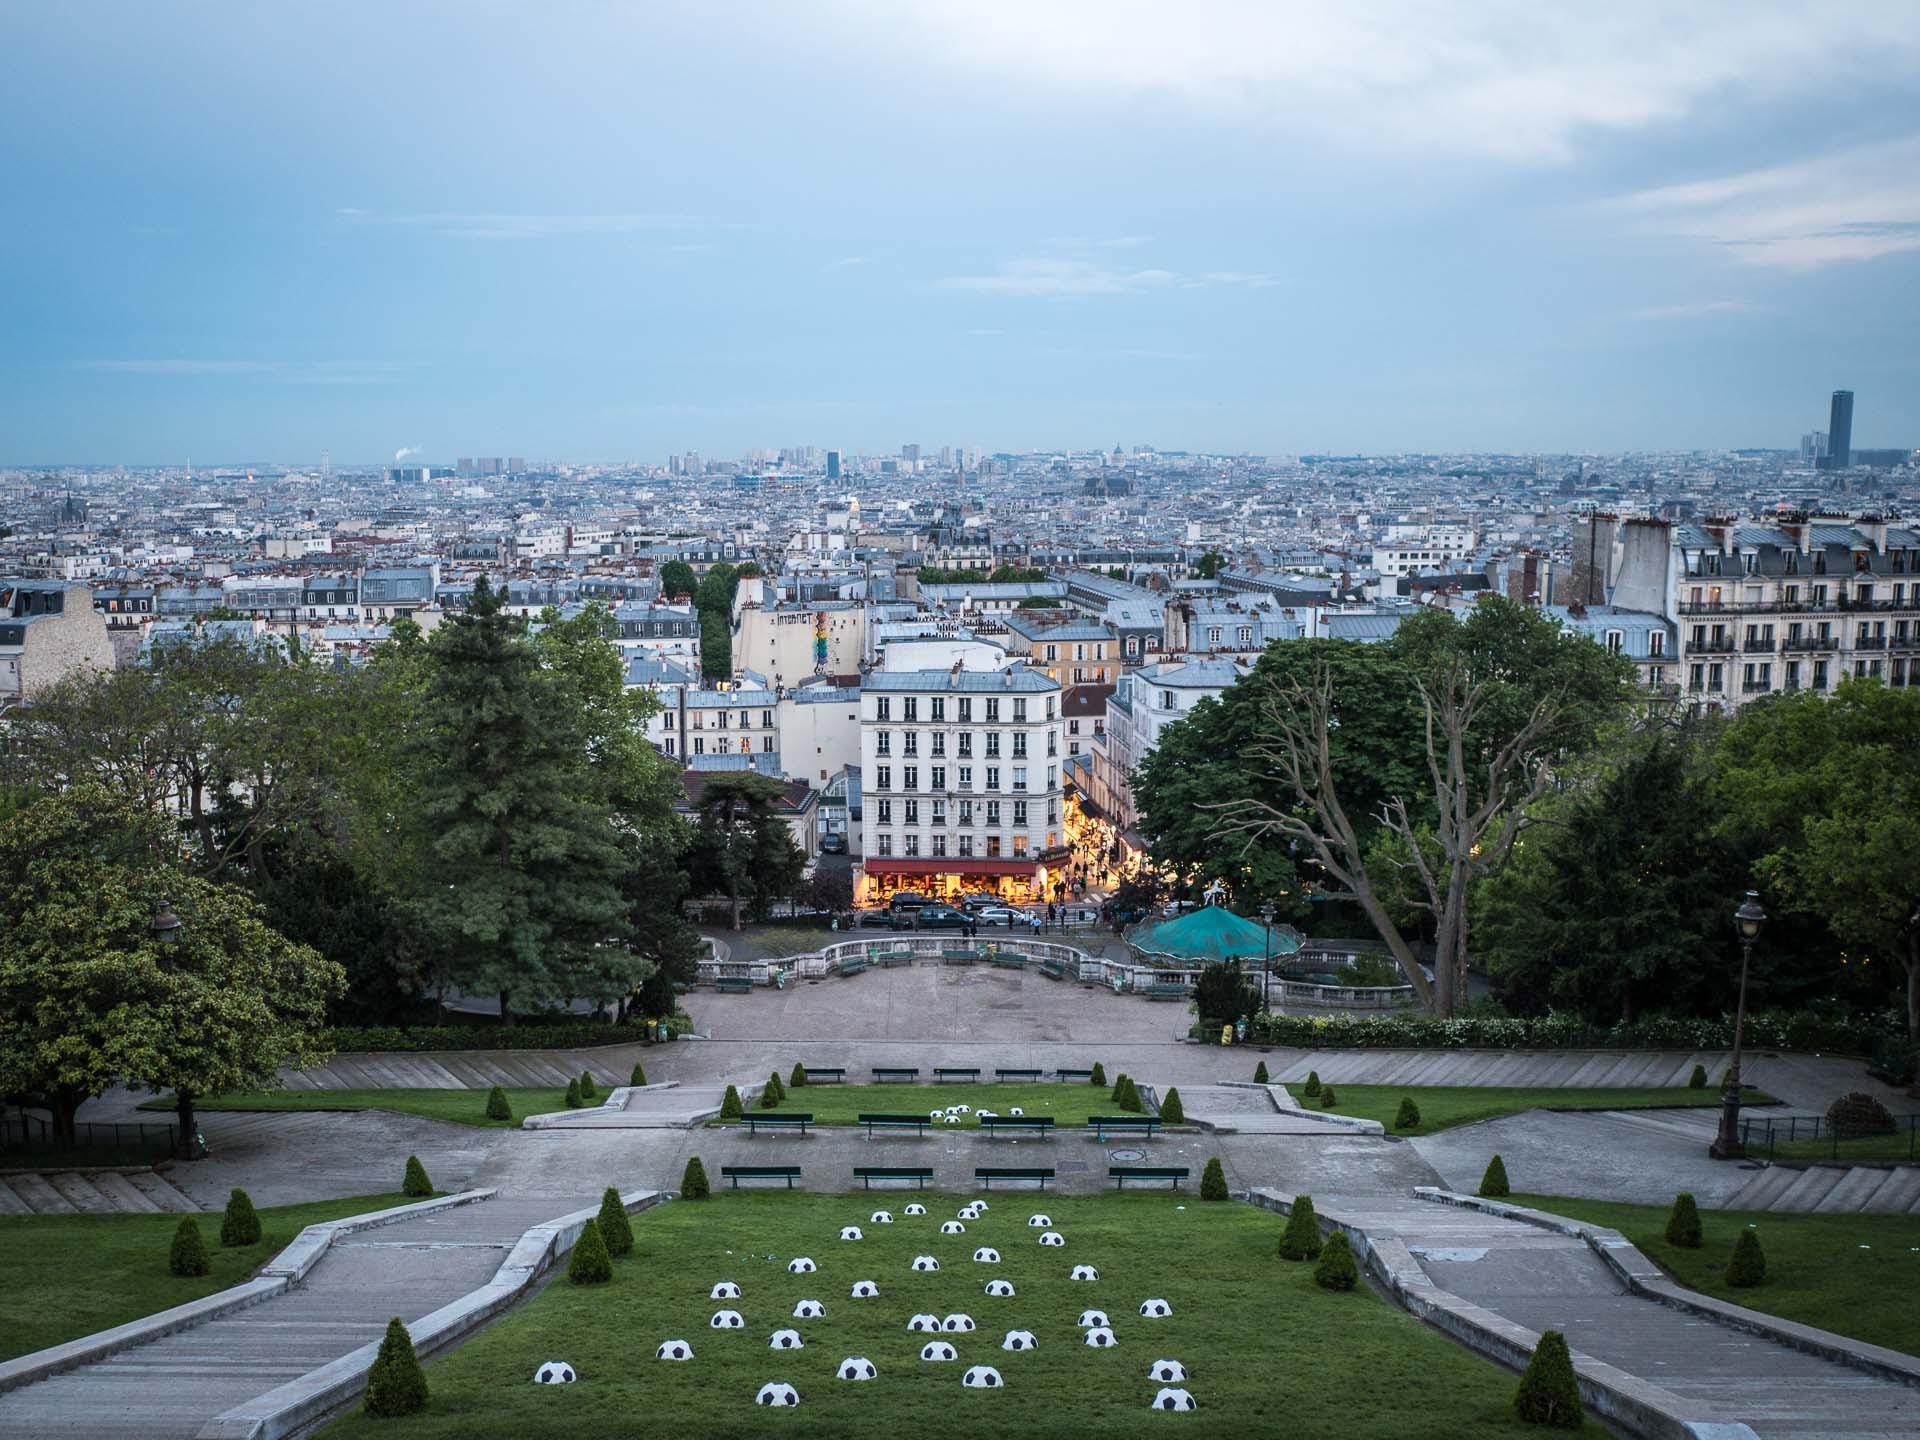 Paris Reisetipp: Sacré-Cœur de Montmartre & Montmartre Quartier